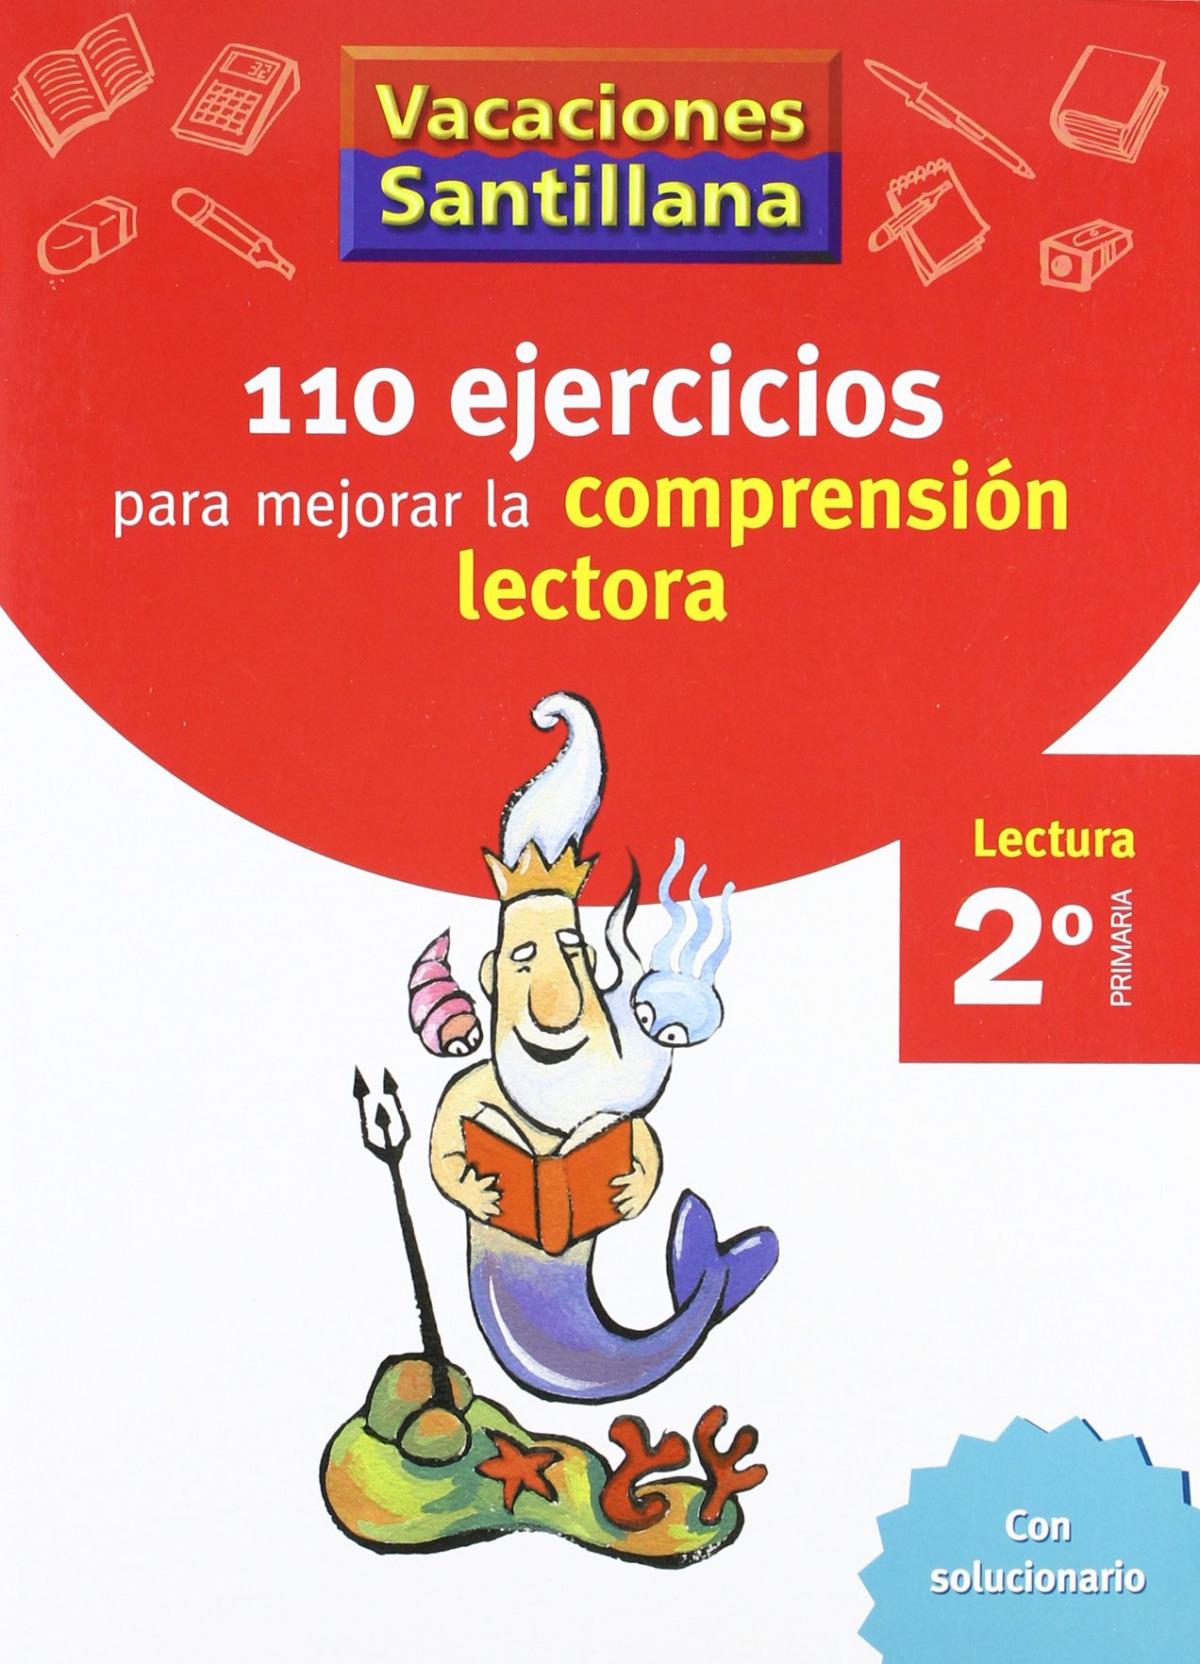 VACACIONES 110 EJERCICIOS PARA MEJORAR LA COMPRENSION LECTORA 2o. PRIMARIA SANTILLANA 9788429408904